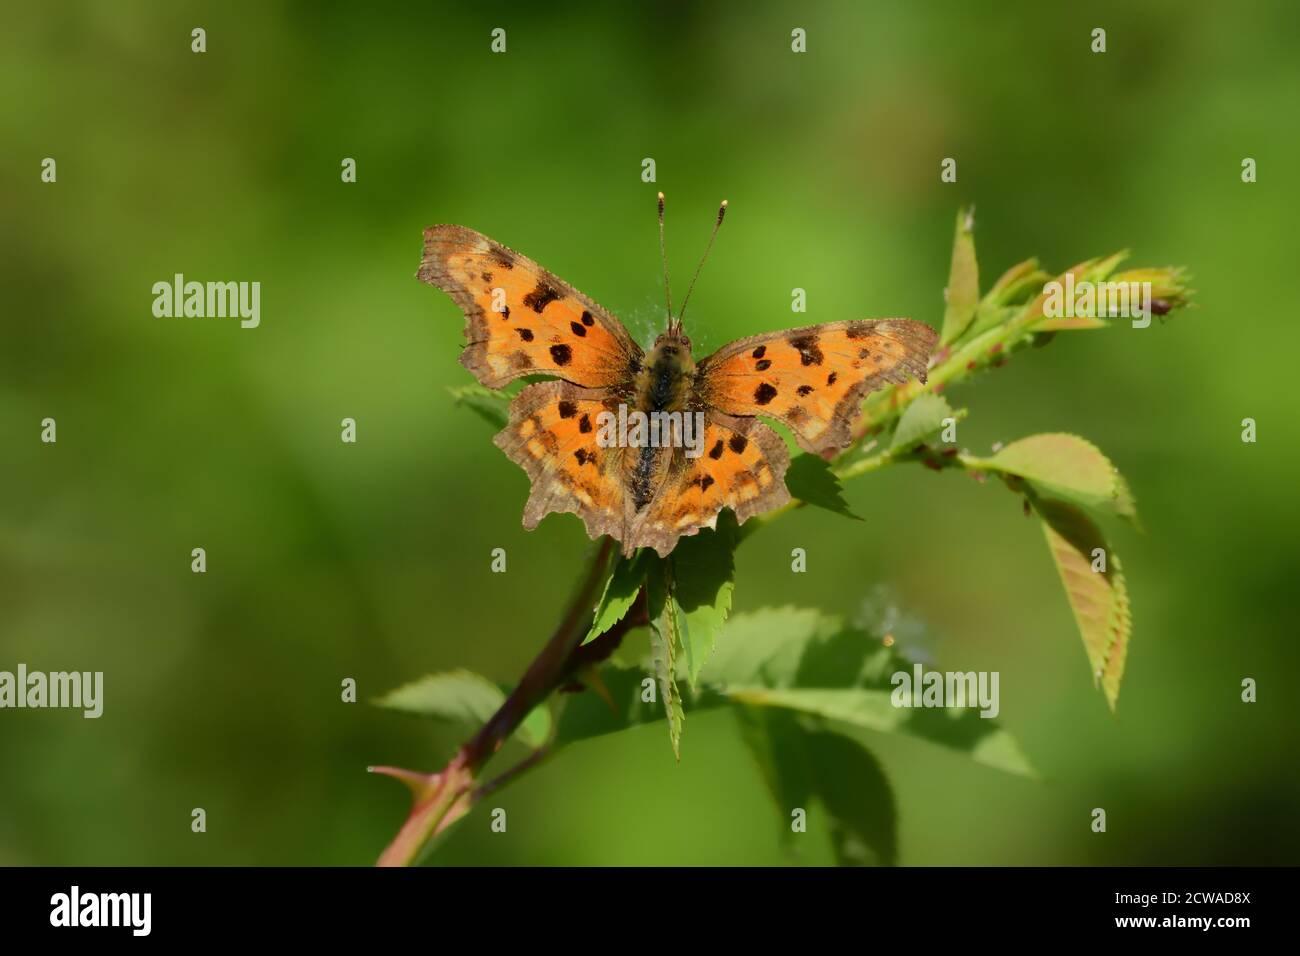 Mariposa aislada de la especie de coma (Polygonia c-album) de la familia Nymphalidae, fotografiada con lente macro sobre una hoja de una planta silvestre. Foto de stock